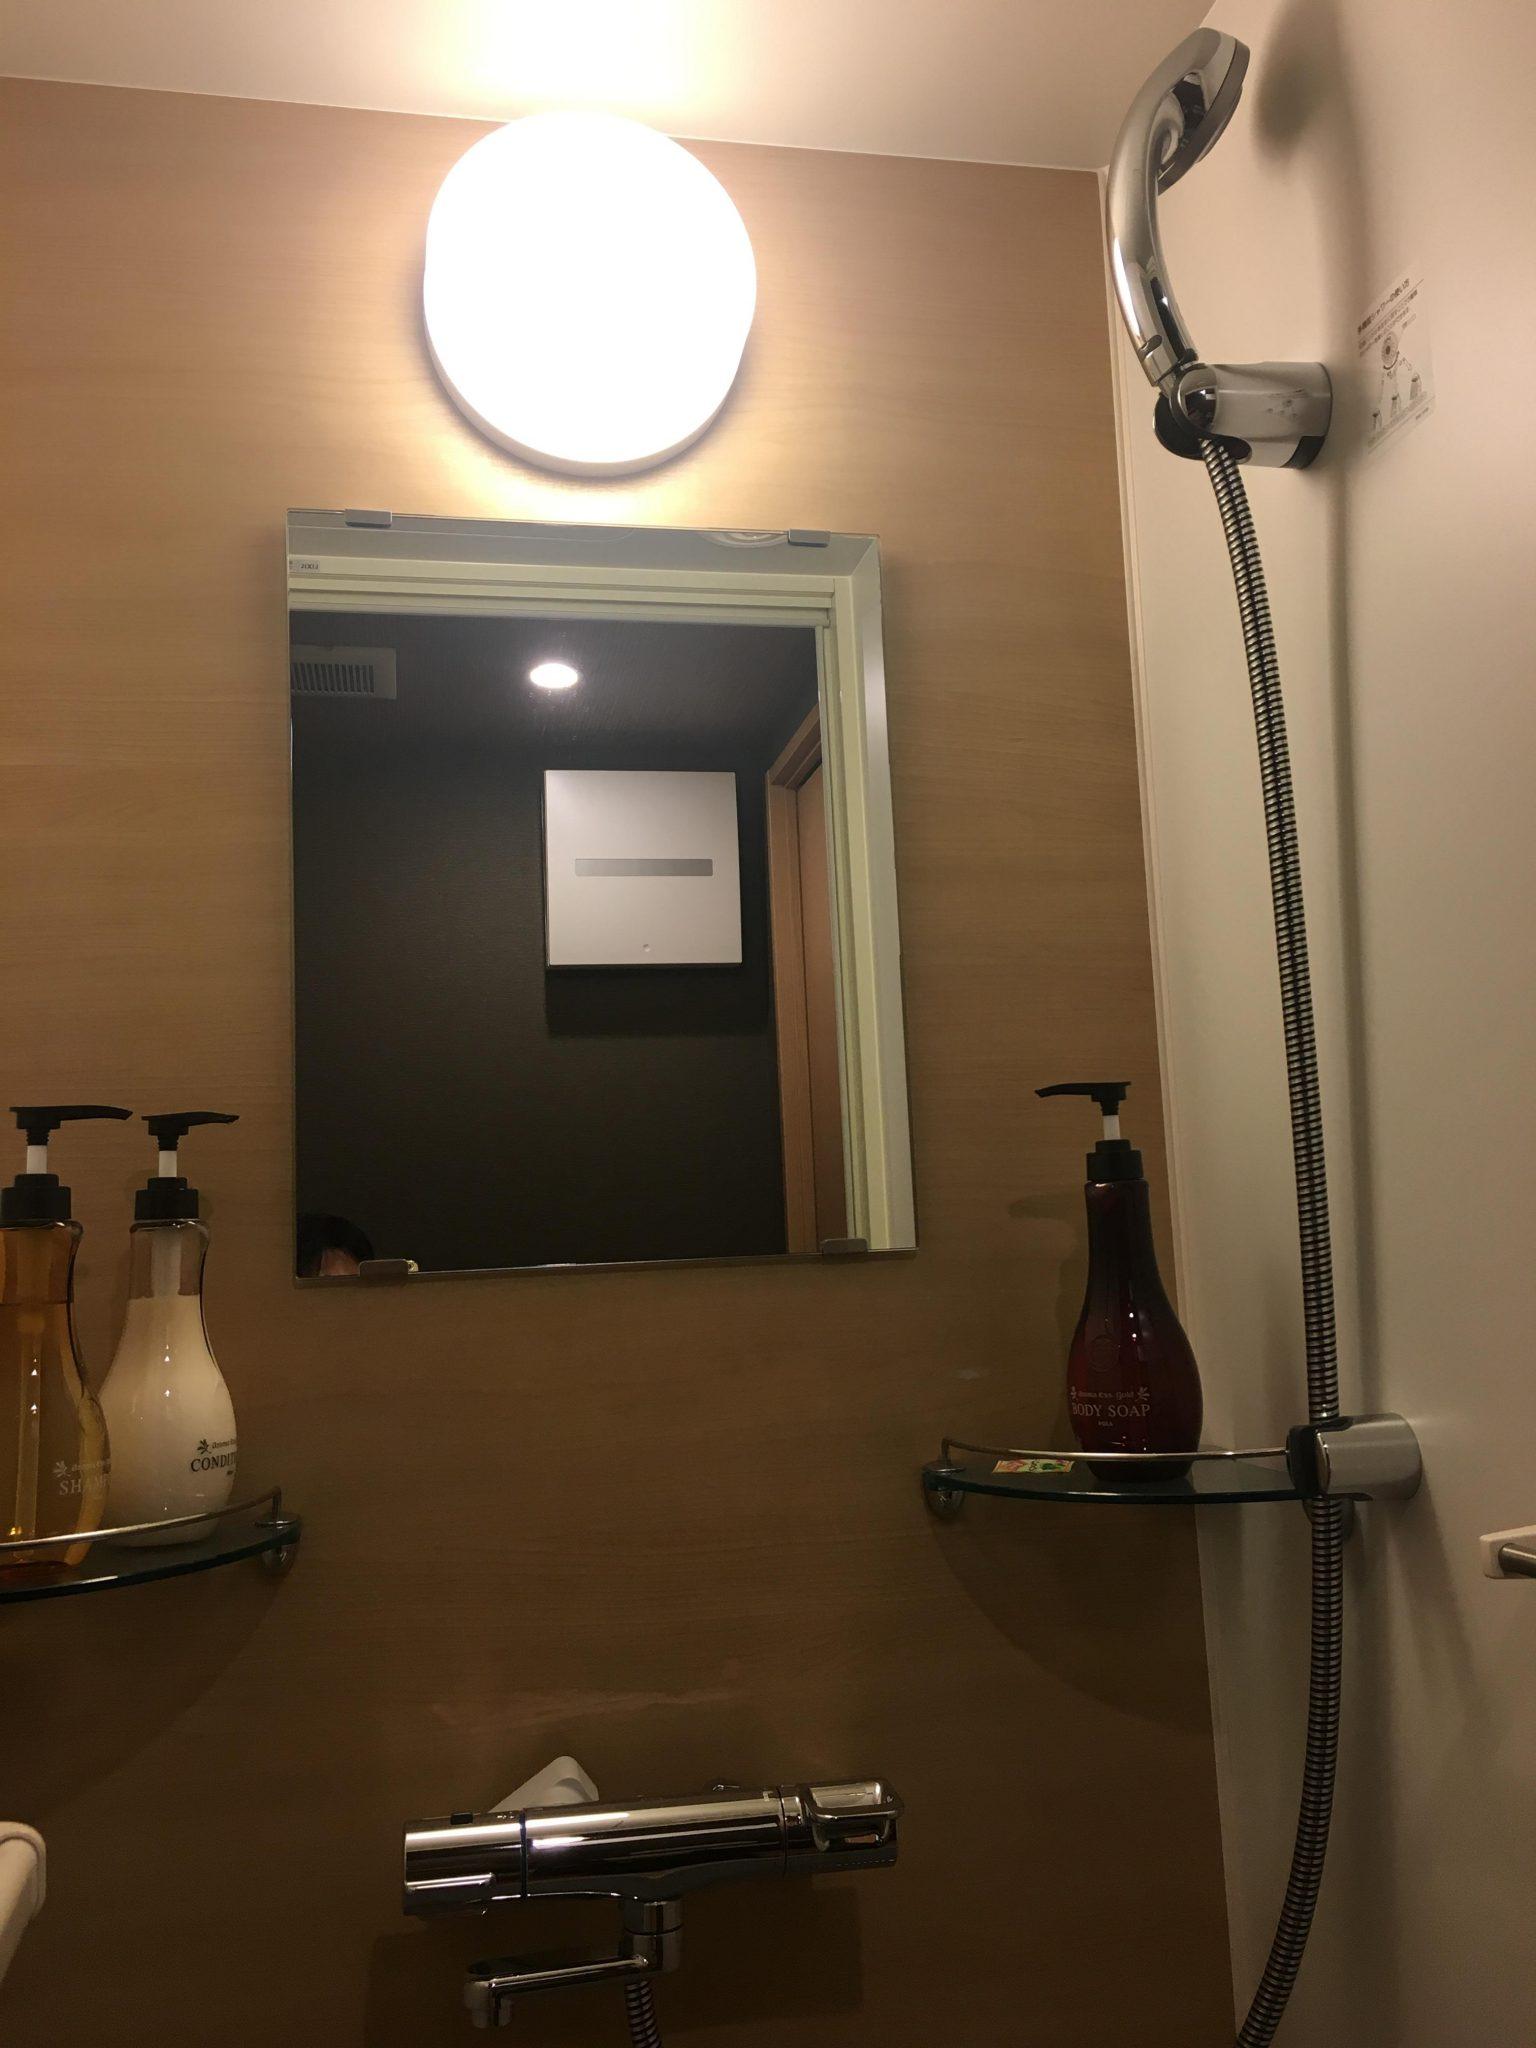 온야도 노노 난바 화장실